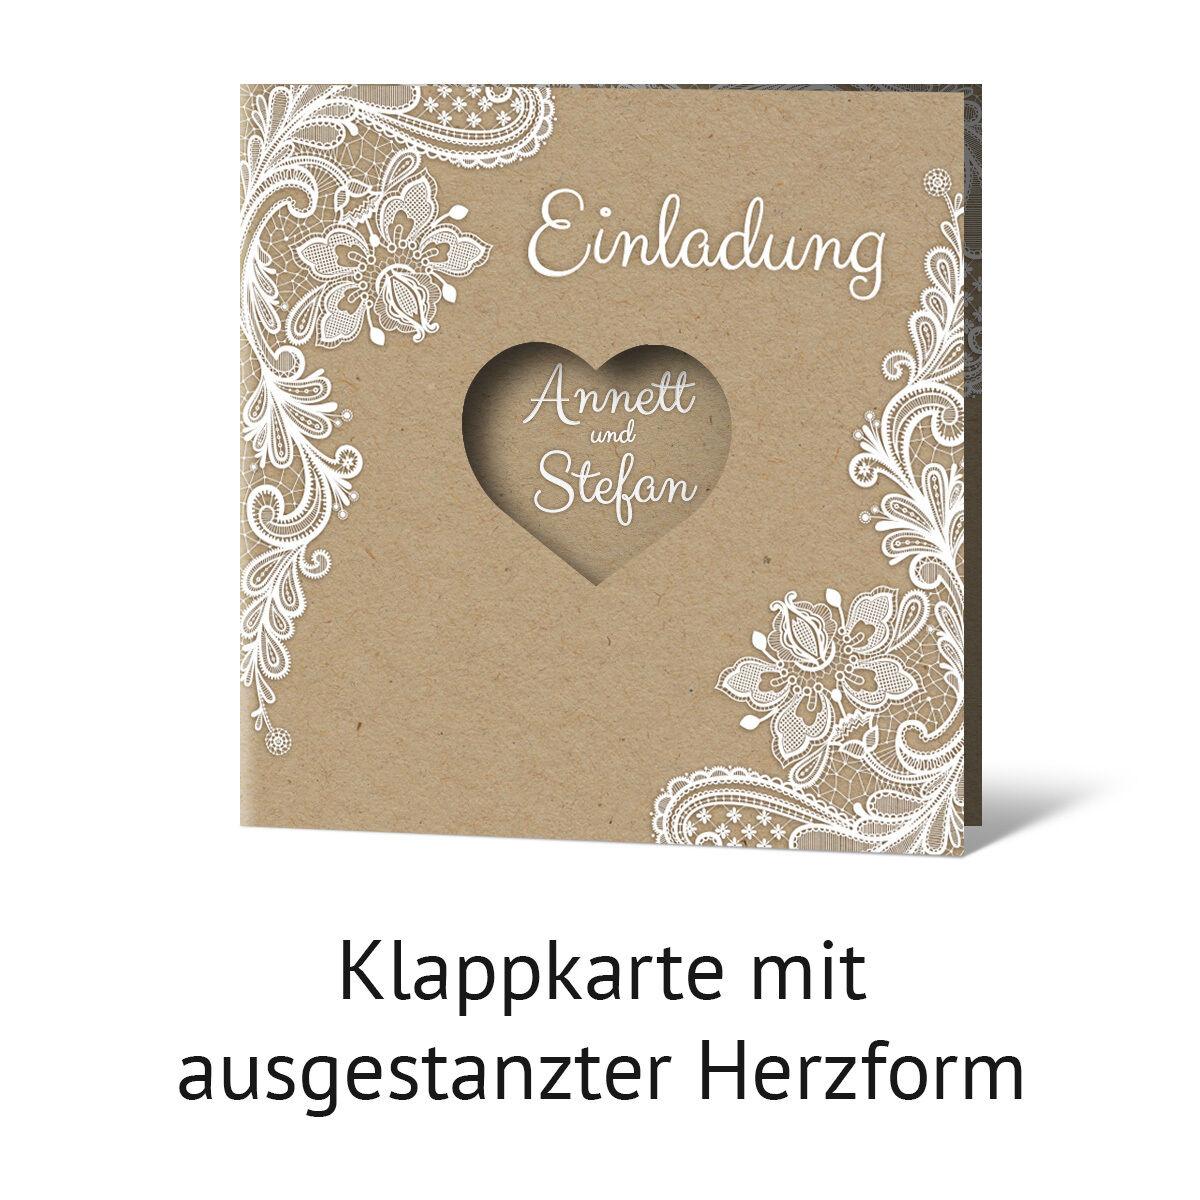 Lasergeschnittene Hochzeit Einladungskarten Einladungskarten Einladungskarten Hochzeitskarten Rustikal Kraftpapier    Outlet Store    Clearance Sale    Bestellung willkommen  2a62b8